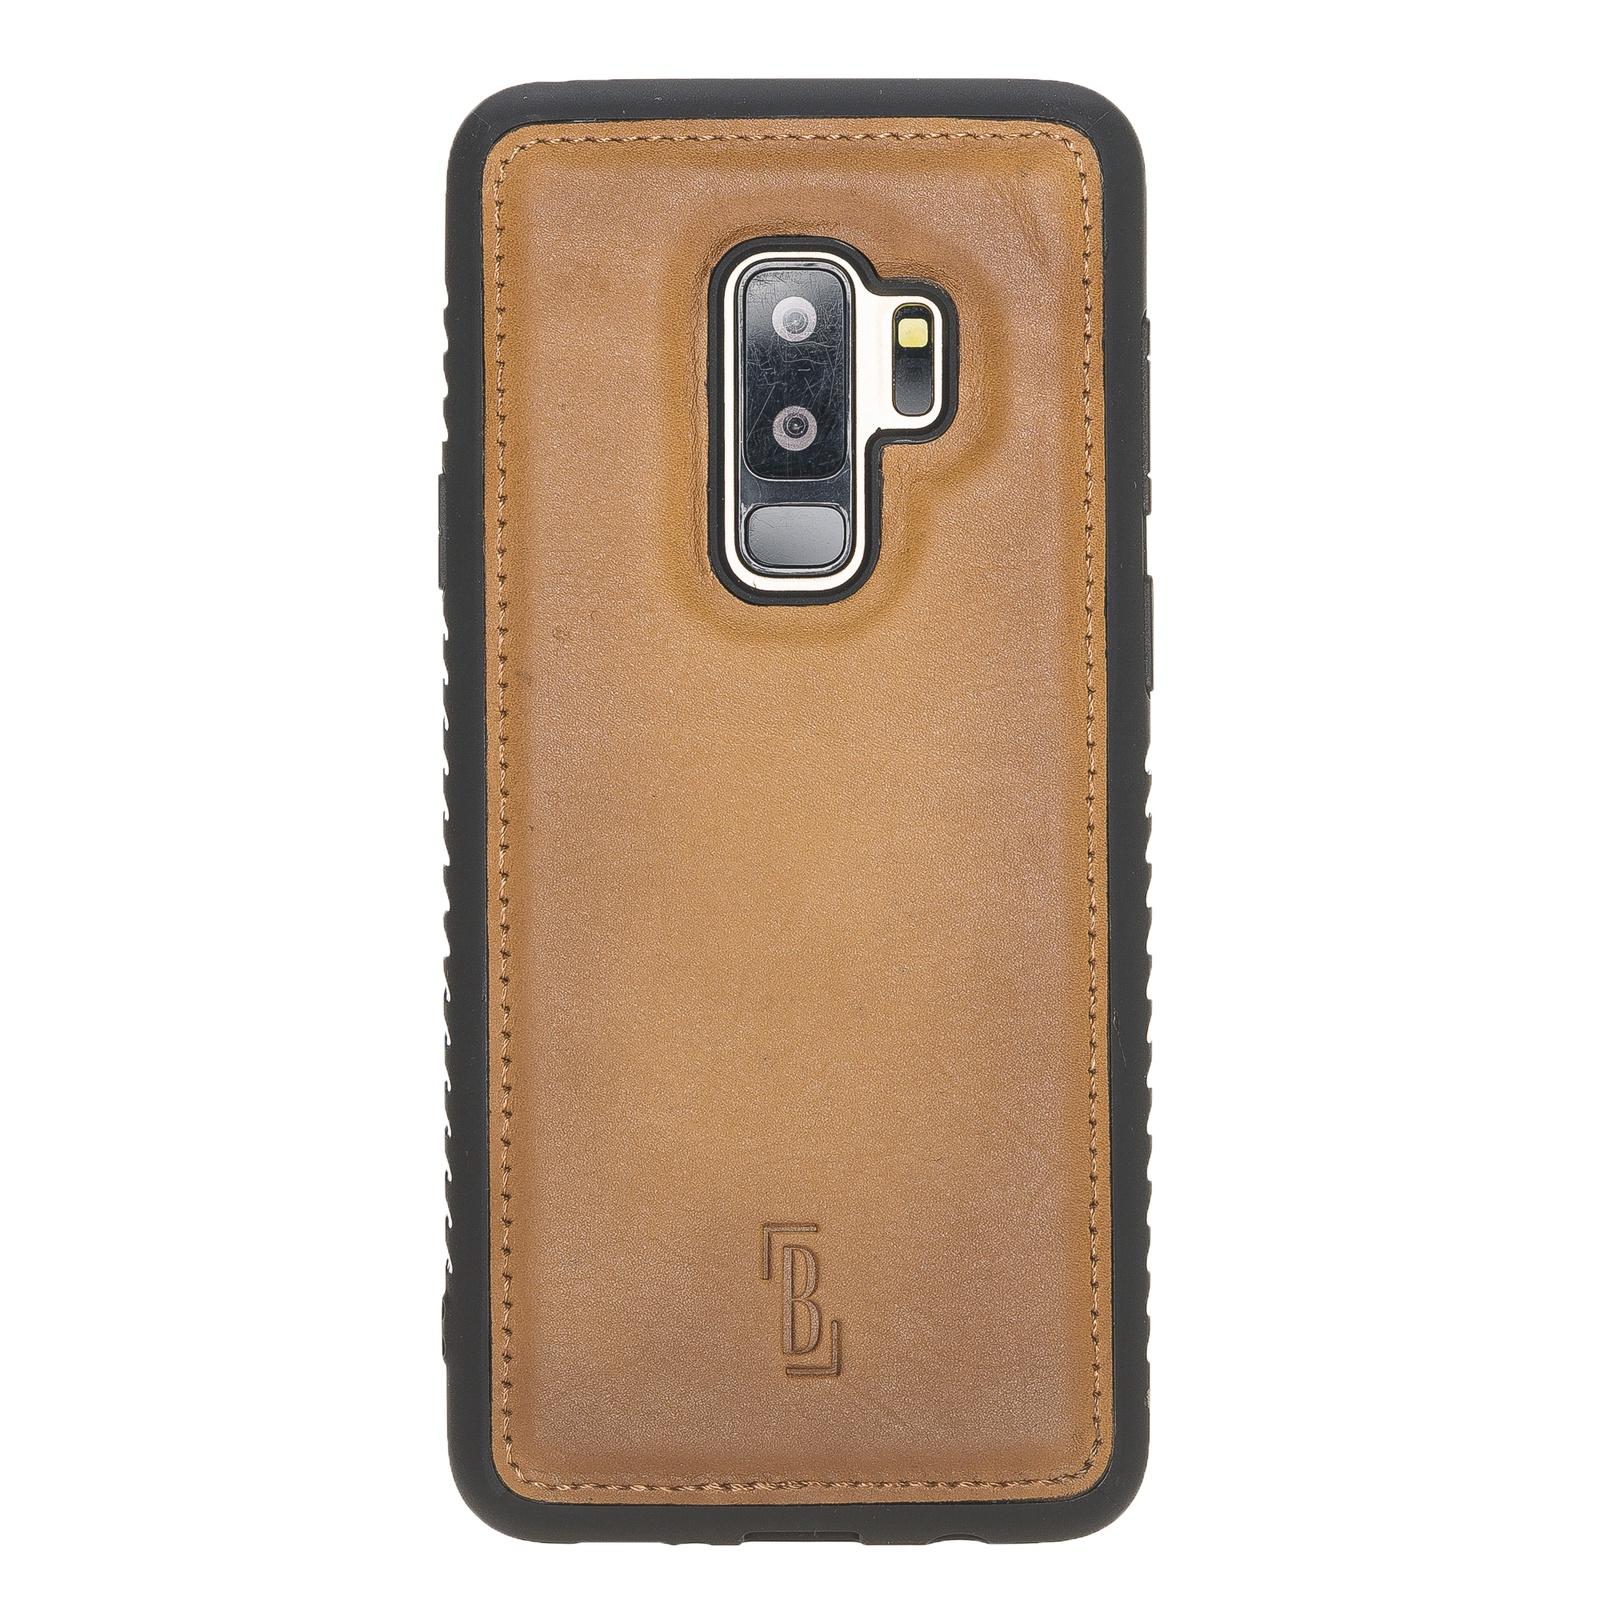 Чехол для сотового телефона Burkley для Samsung Galaxy S9 Plus FlexCover, бронза